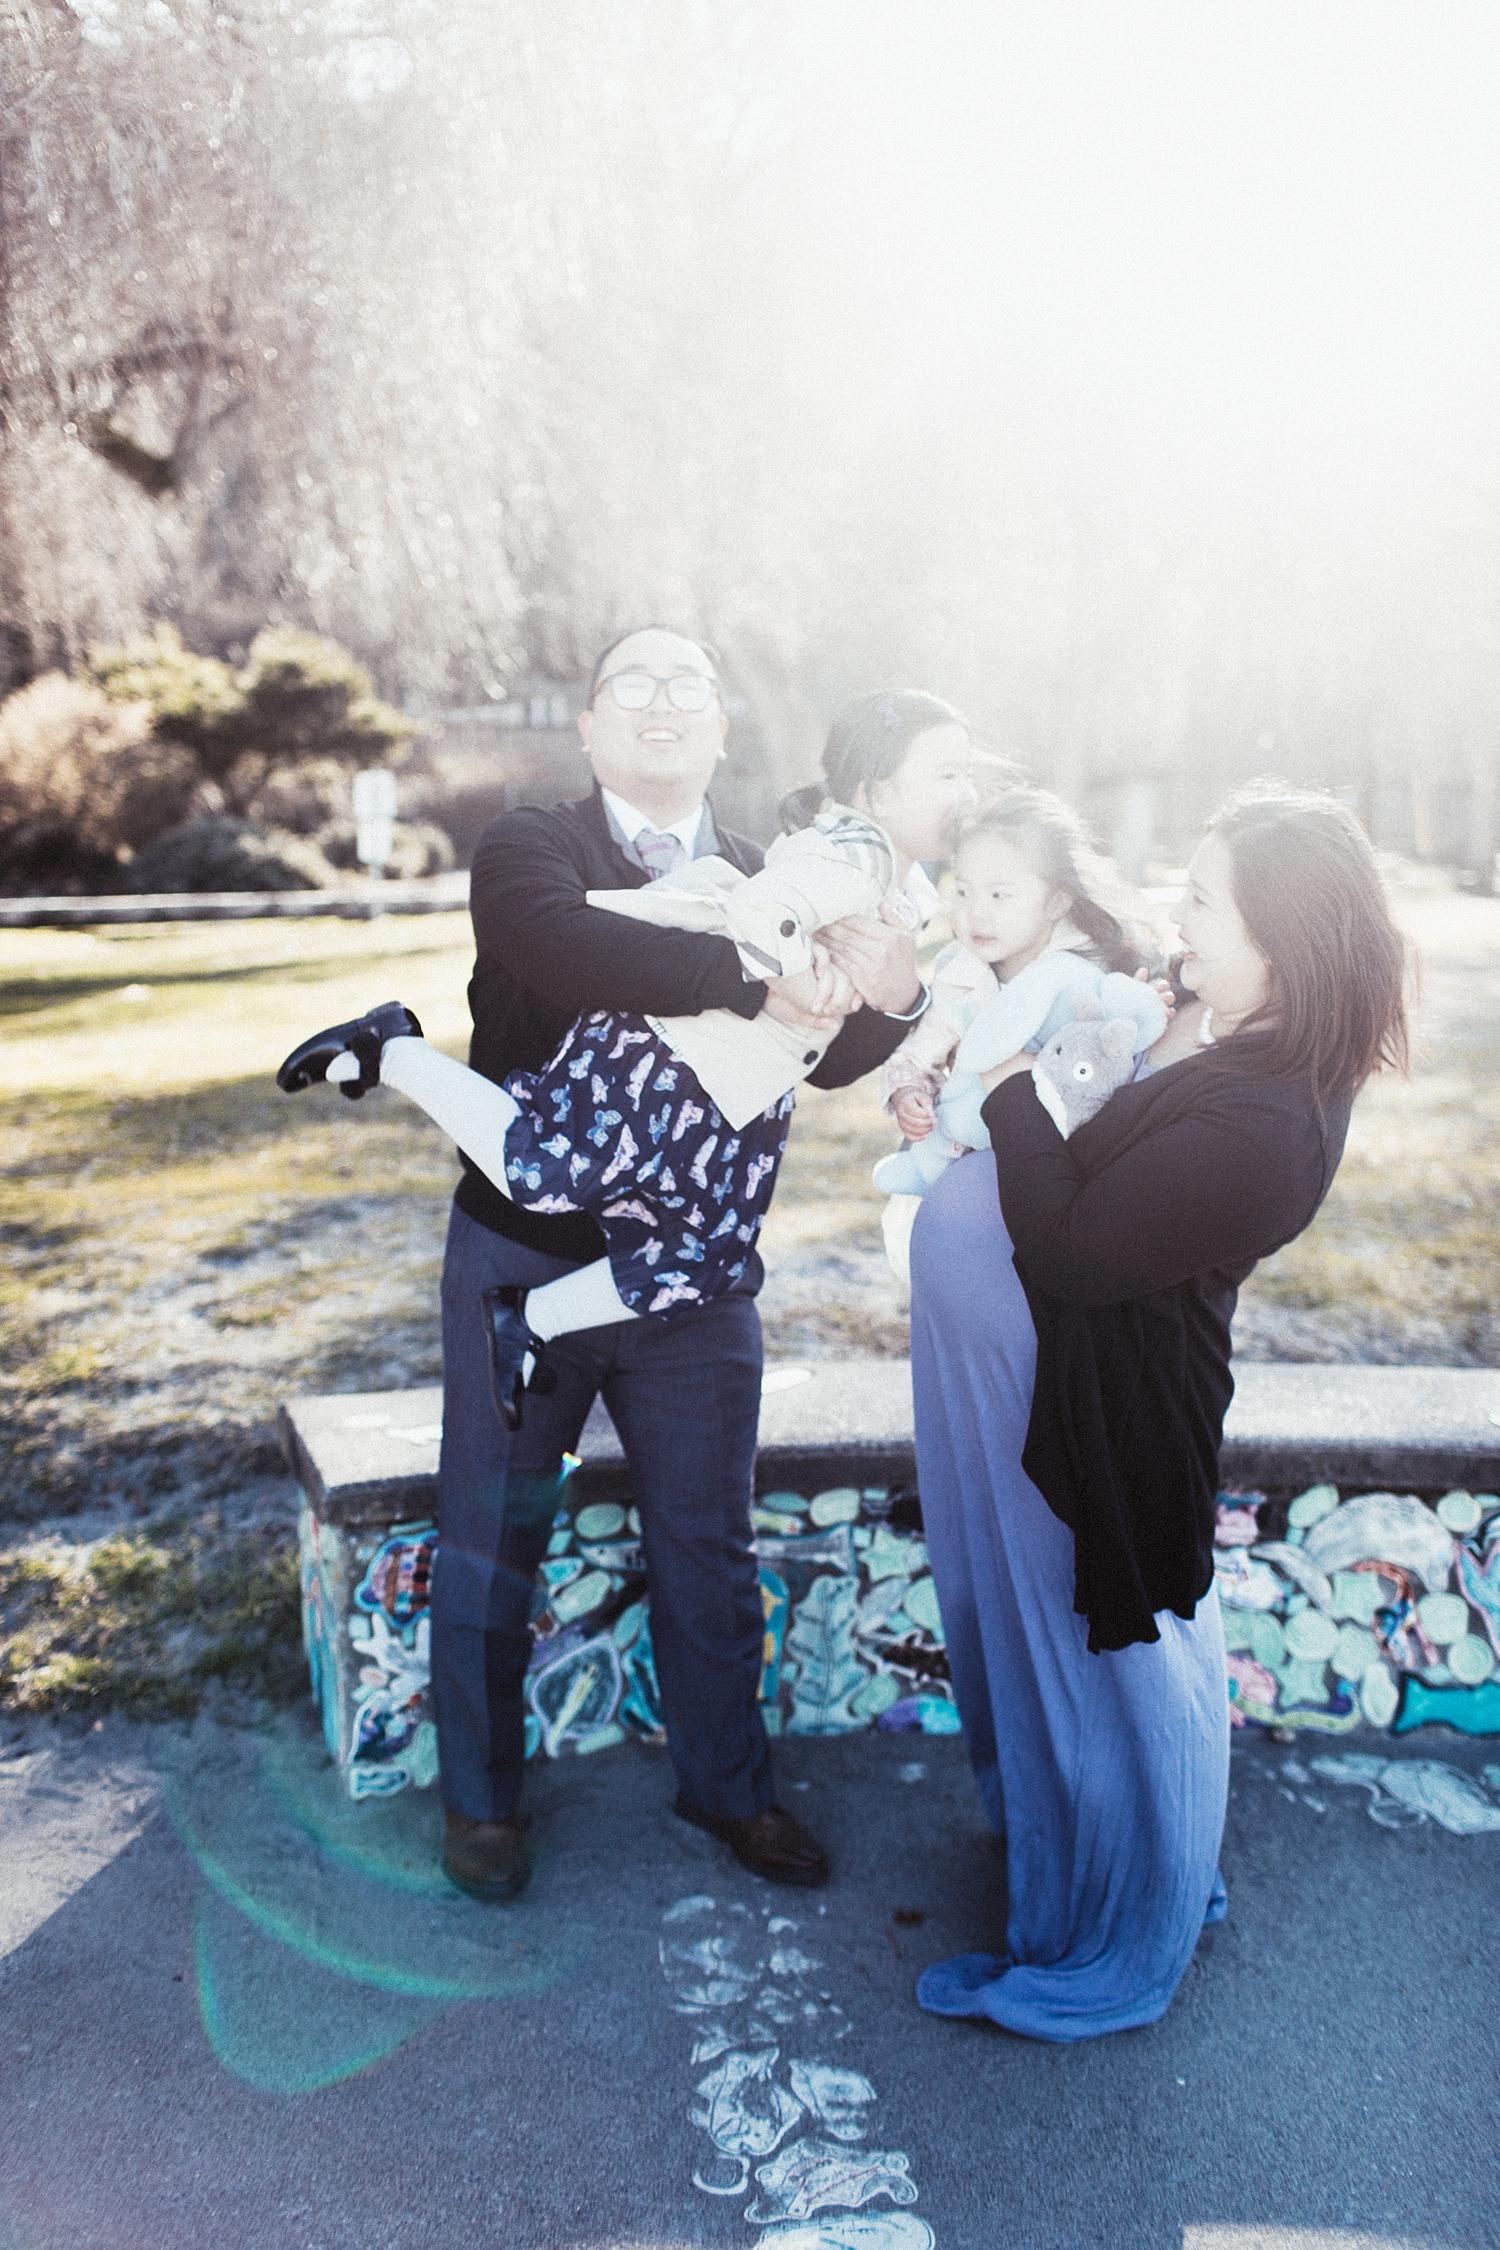 the Happy Film Company - Park Family - March 2019-73_WEB.jpg